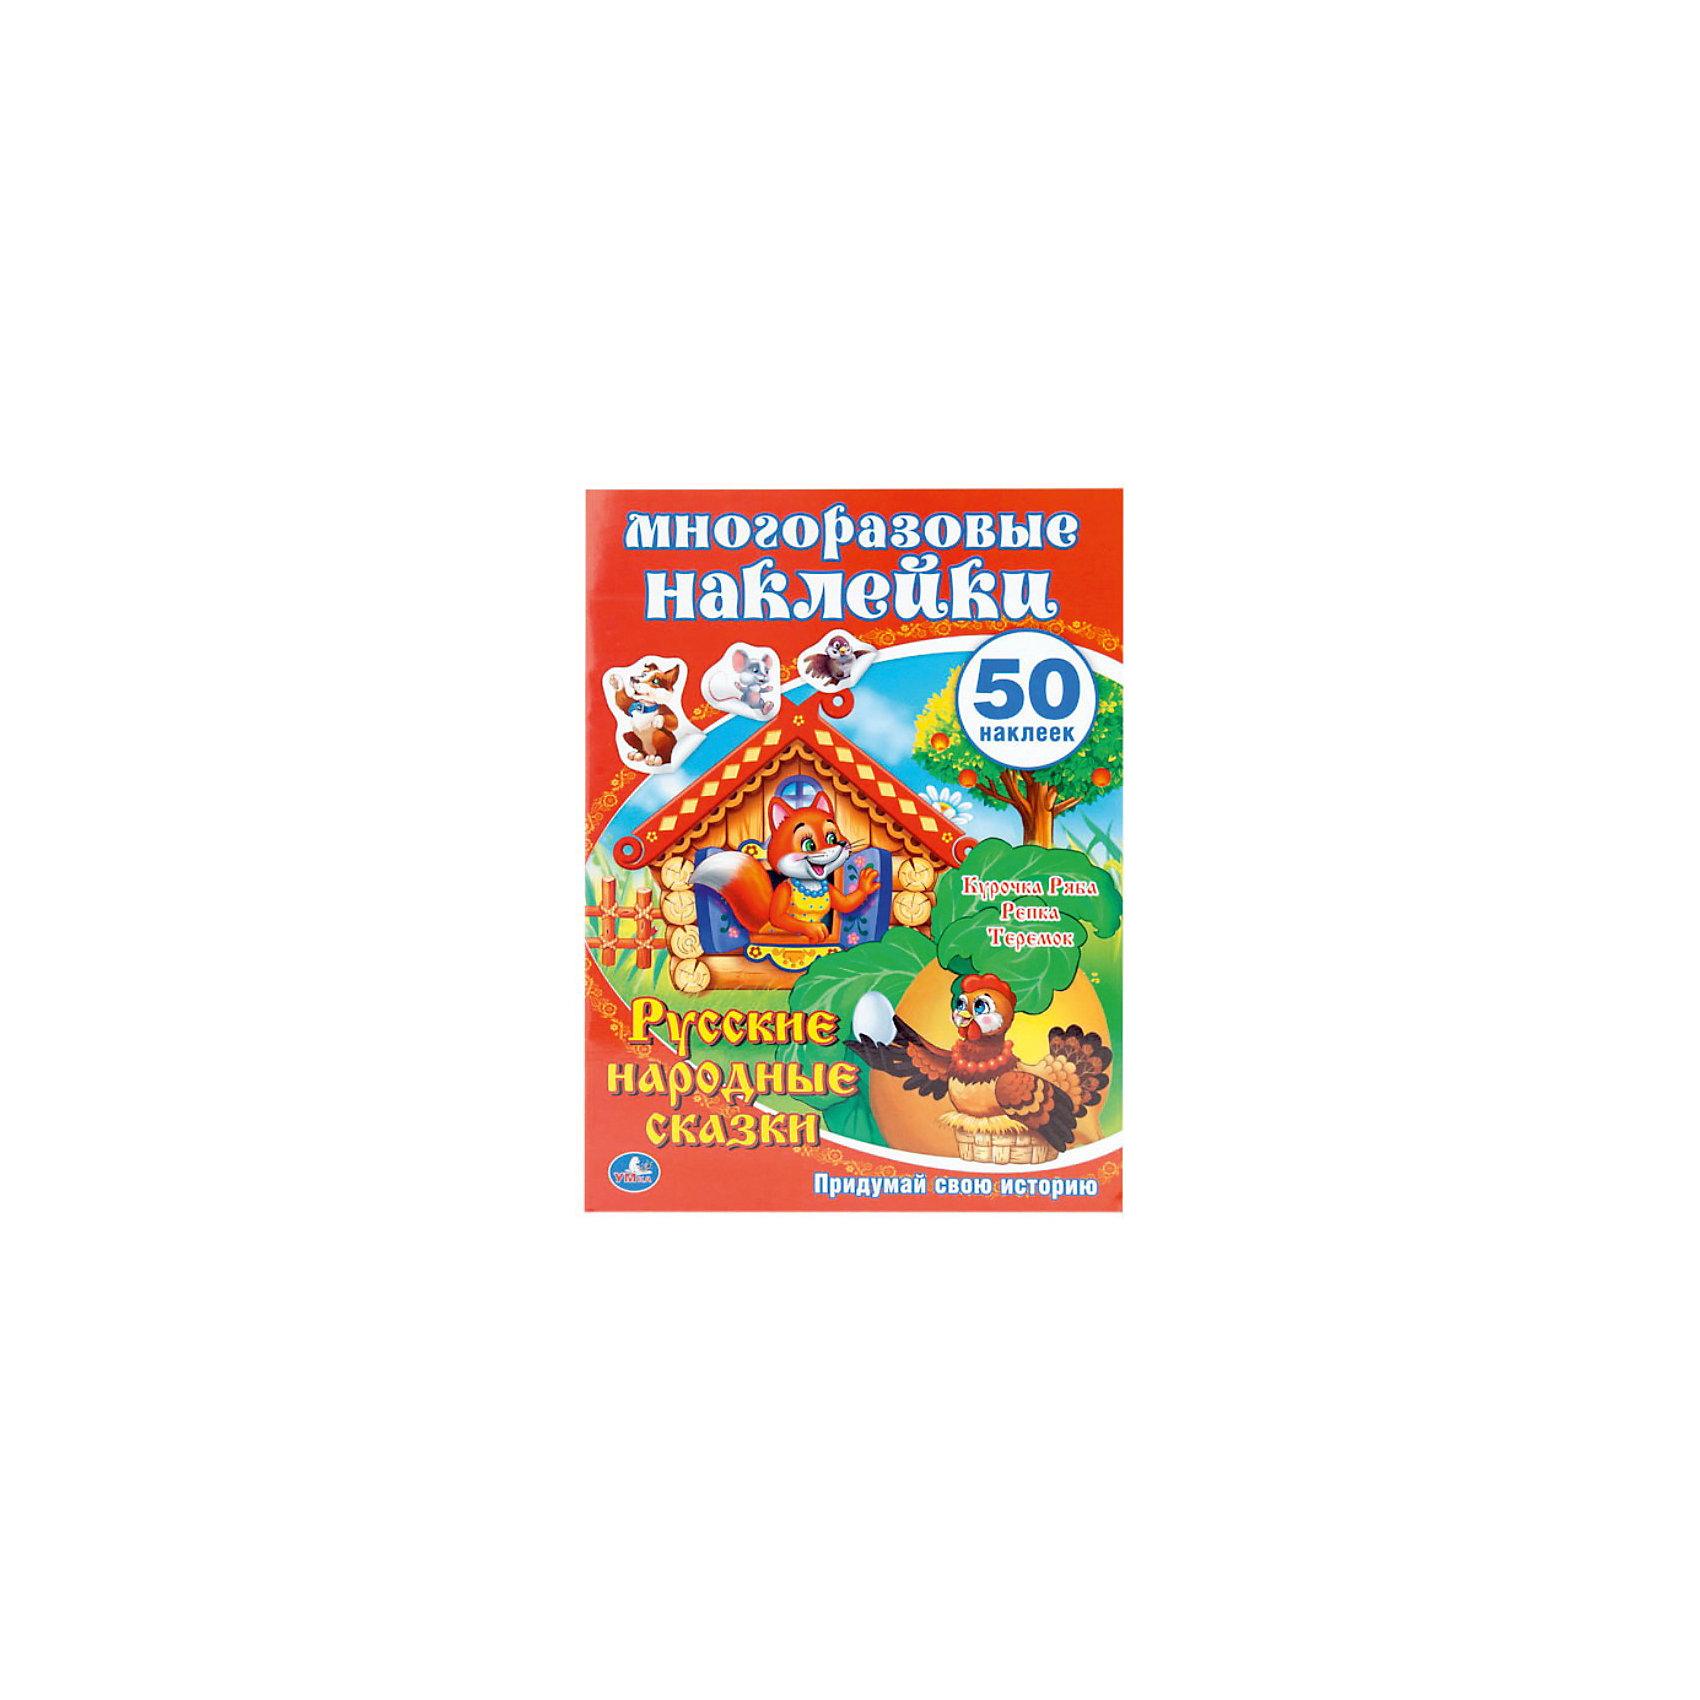 Книга с многоразовыми наклейками Русские народные сказкиРусские сказки<br>Книжка Русские народные сказки с наклейками, Умка - это не только всеми любимые сказки для малышей, но и возможность иллюстрировать их по своему вкусу. В наборе есть 50 замечательных многоразовых наклеек с героями сказок, которые малыш может клеить в нужные места на красочных страницах. Но не волнуйтесь если ошиблись, наклейки легко можно отклеить и наклеить заново. Русские народные сказки Умка - прекрасное подспорье для развития творческих способностей ребенка. Замечательными наклейками можно украсить все, что угодно:  пенал, тетради, дневник, любимую книжку! Отклеивая наклейки и приклеивая их на нужные места ребенок будет тренировать глазомер, моторику и творческое мышление.<br><br>Дополнительная информация:<br><br>- Иллюстраторы: Дмитрий Букин, Вадим Калинин, Светлана Казикова, Ирина Гилеп, Елена Масленникова<br>- Редакторы: Кристина Хомякова, Сатеник Анастасян<br>- Составитель: Сатеник Анастасян<br>- Количество страниц: 8;<br>- 50 многоразовых наклеек;<br>- Герои любимых детских сказок;<br>- Помогает в развитии творческих способностей;<br>- Размер: 21 х 29 см;<br>- Вес: 80 г<br><br>Книгу Русские народные сказки с наклейками, Умка можно купить в нашем интернет-магазине.<br><br>Ширина мм: 220<br>Глубина мм: 3<br>Высота мм: 290<br>Вес г: 80<br>Возраст от месяцев: 12<br>Возраст до месяцев: 60<br>Пол: Унисекс<br>Возраст: Детский<br>SKU: 3801147